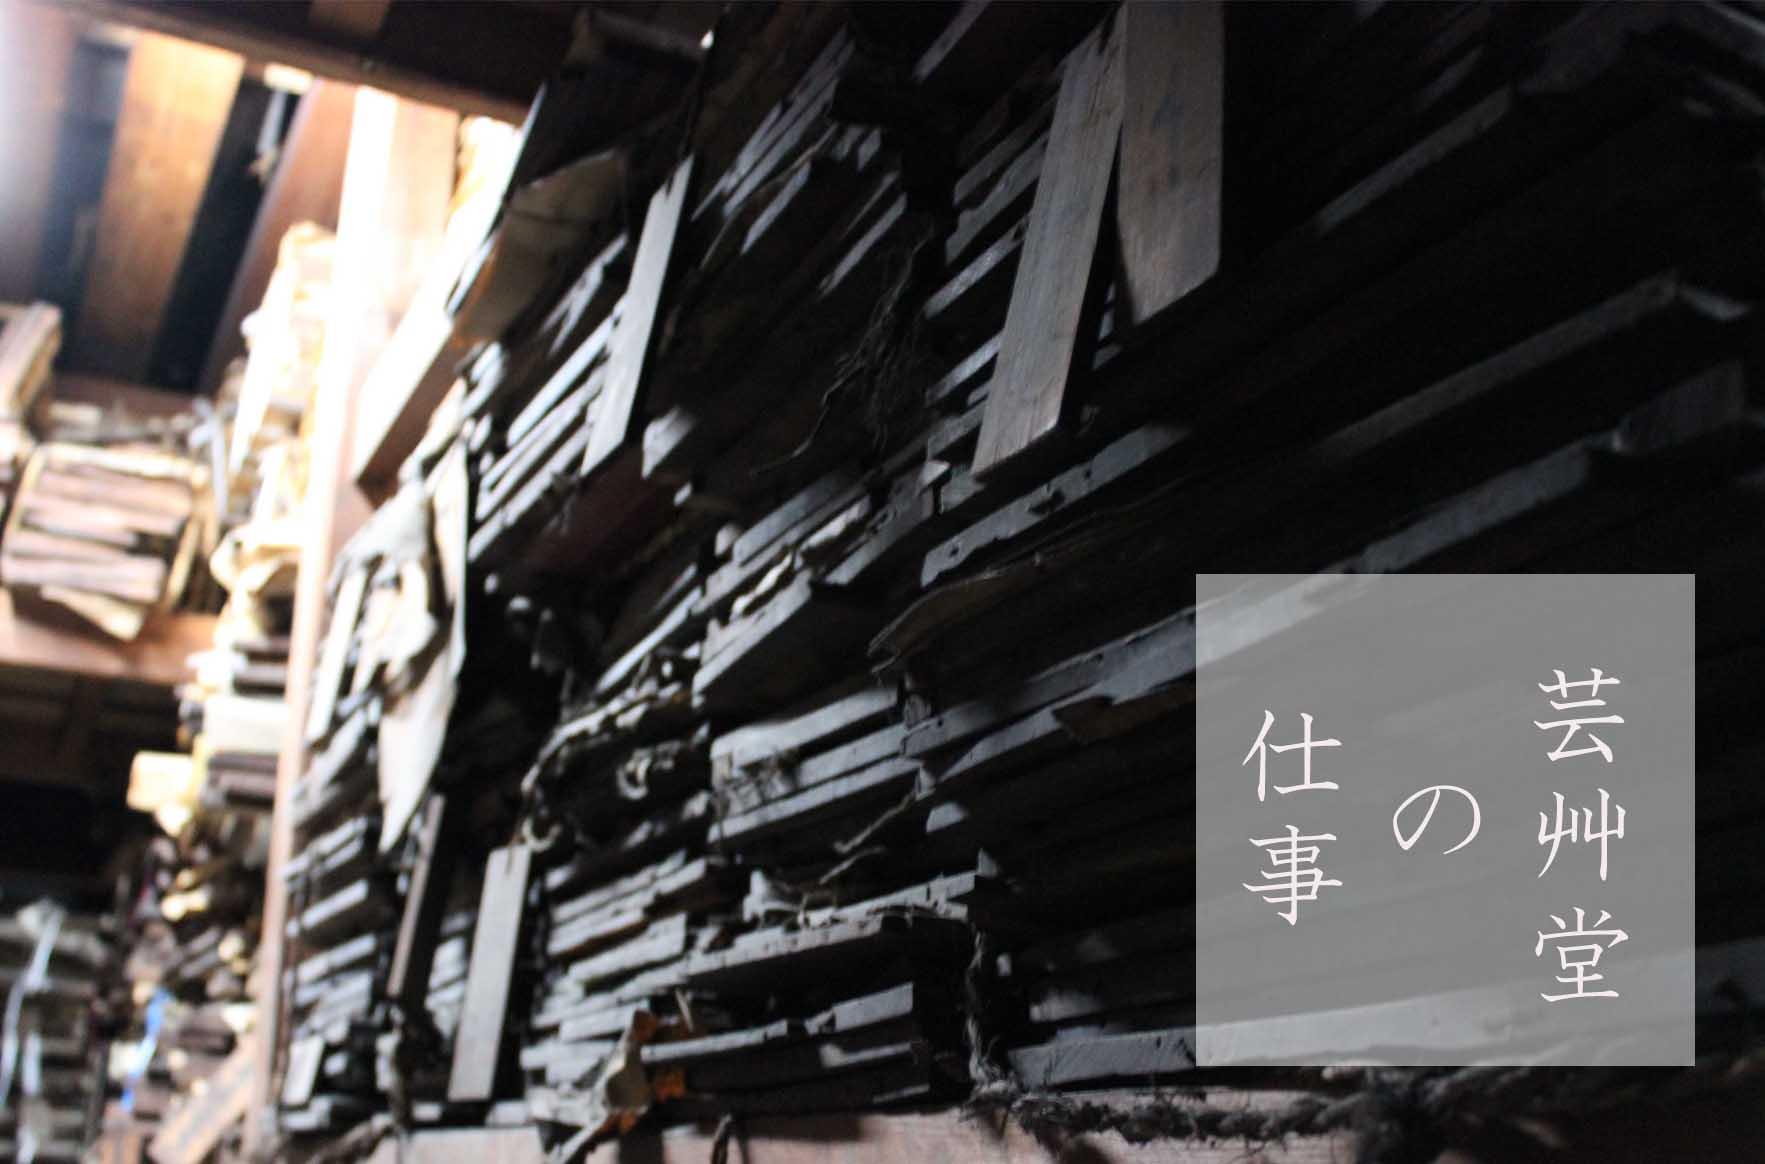 北村昇一 木版画 KS1 京扇子大西常商店 Shoichi Kitamura Woodcut